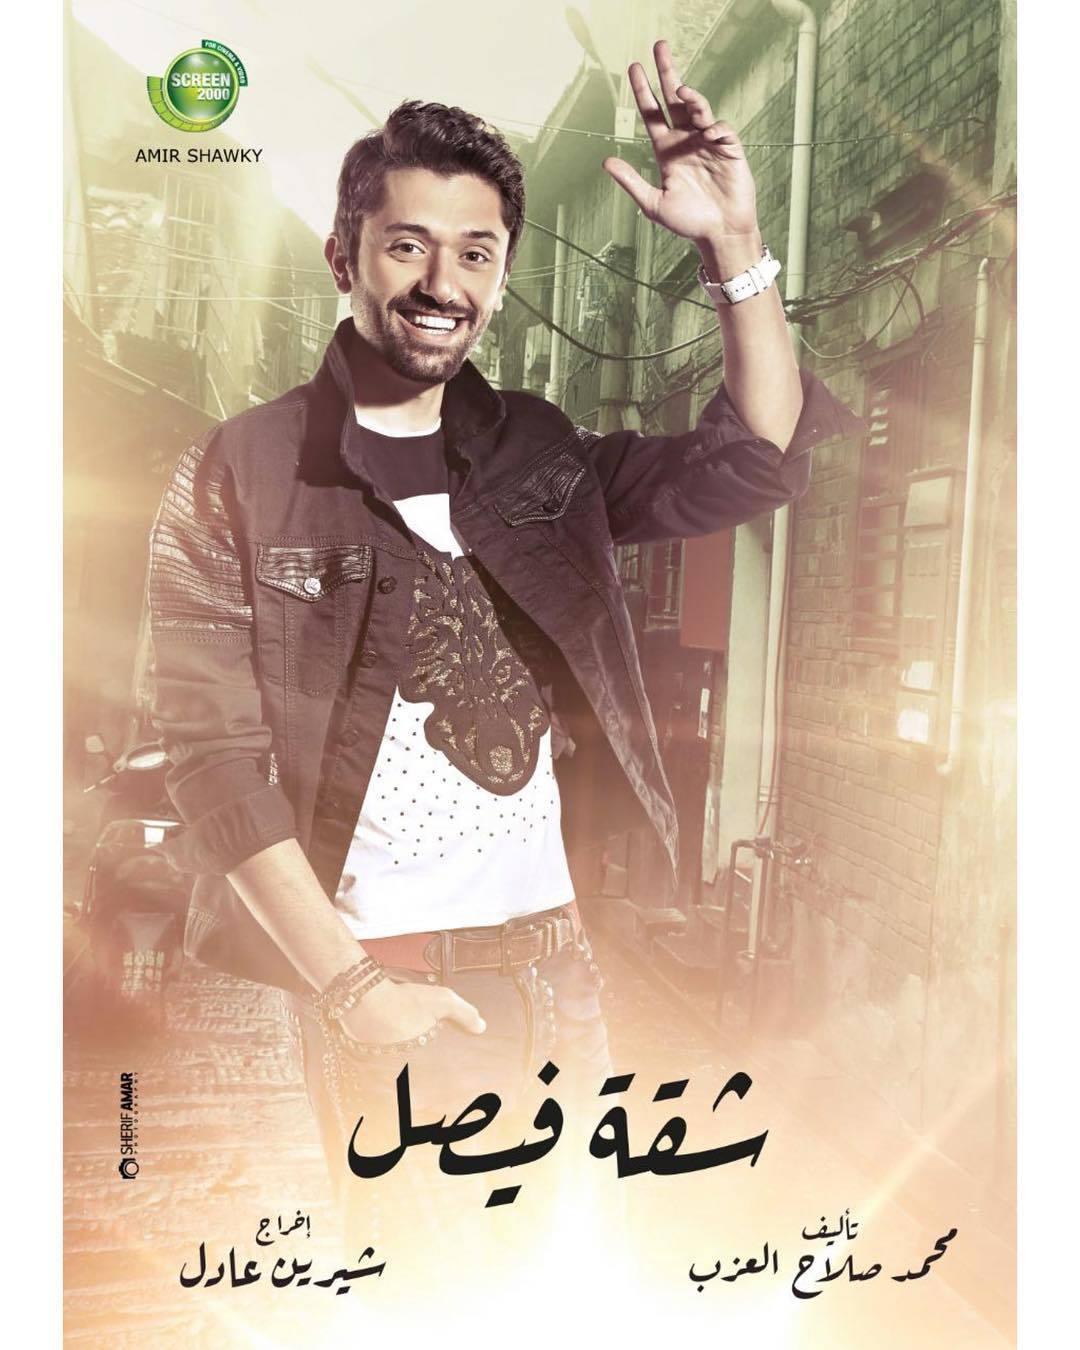 صور أبطال ونجوم مسلسل شقة فيصل رمضان 2019